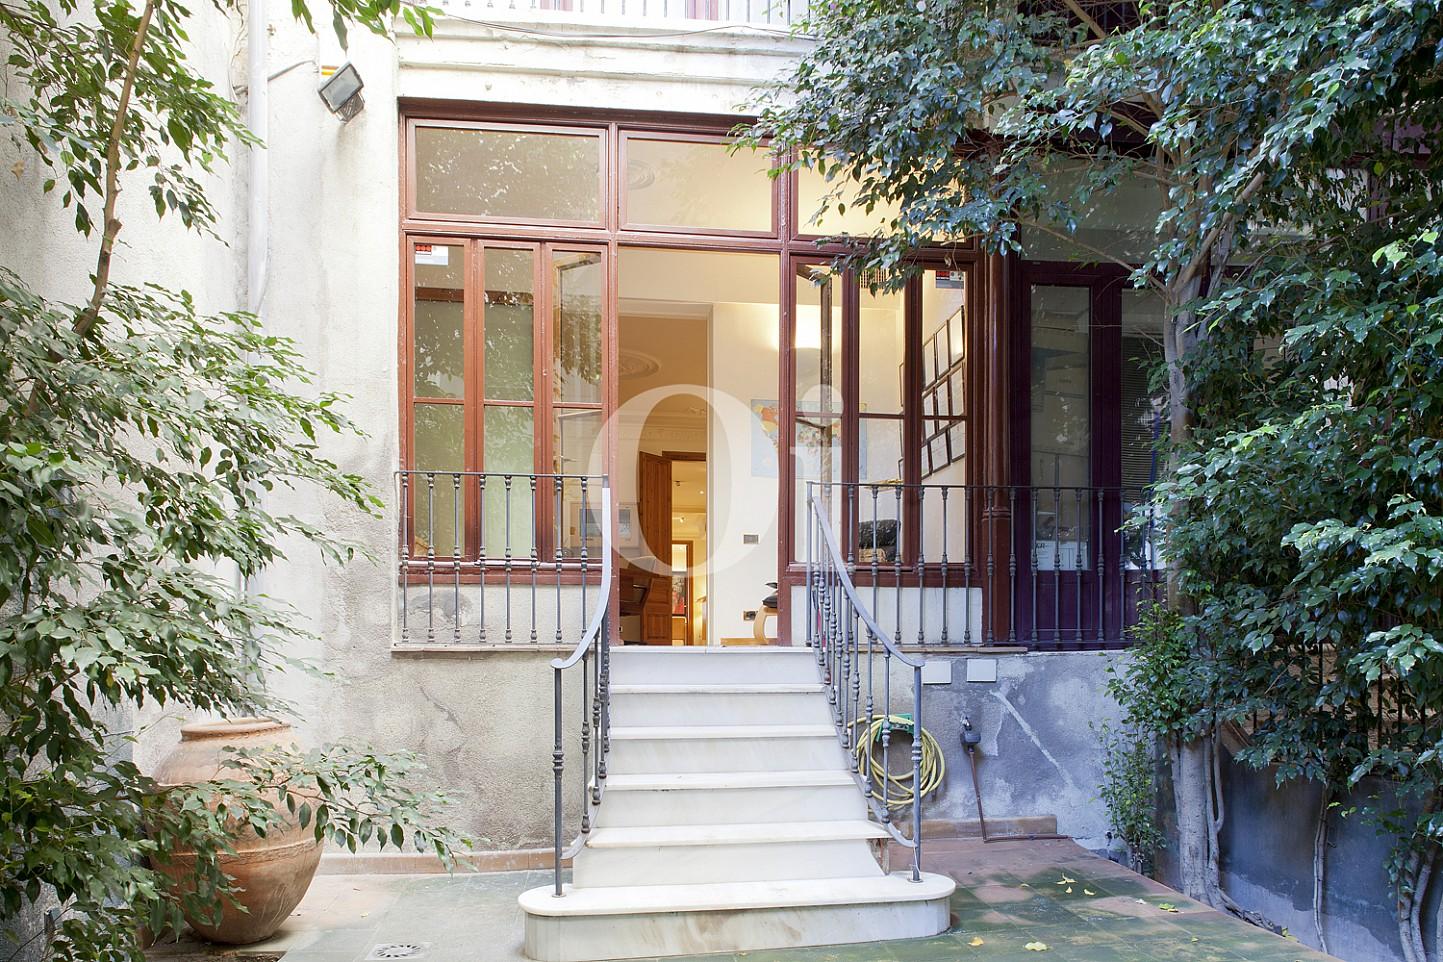 Zugang zu den innen Räumen einer Wohnung zum Verkauf im Viertel Eixample Derecho Barcelonas